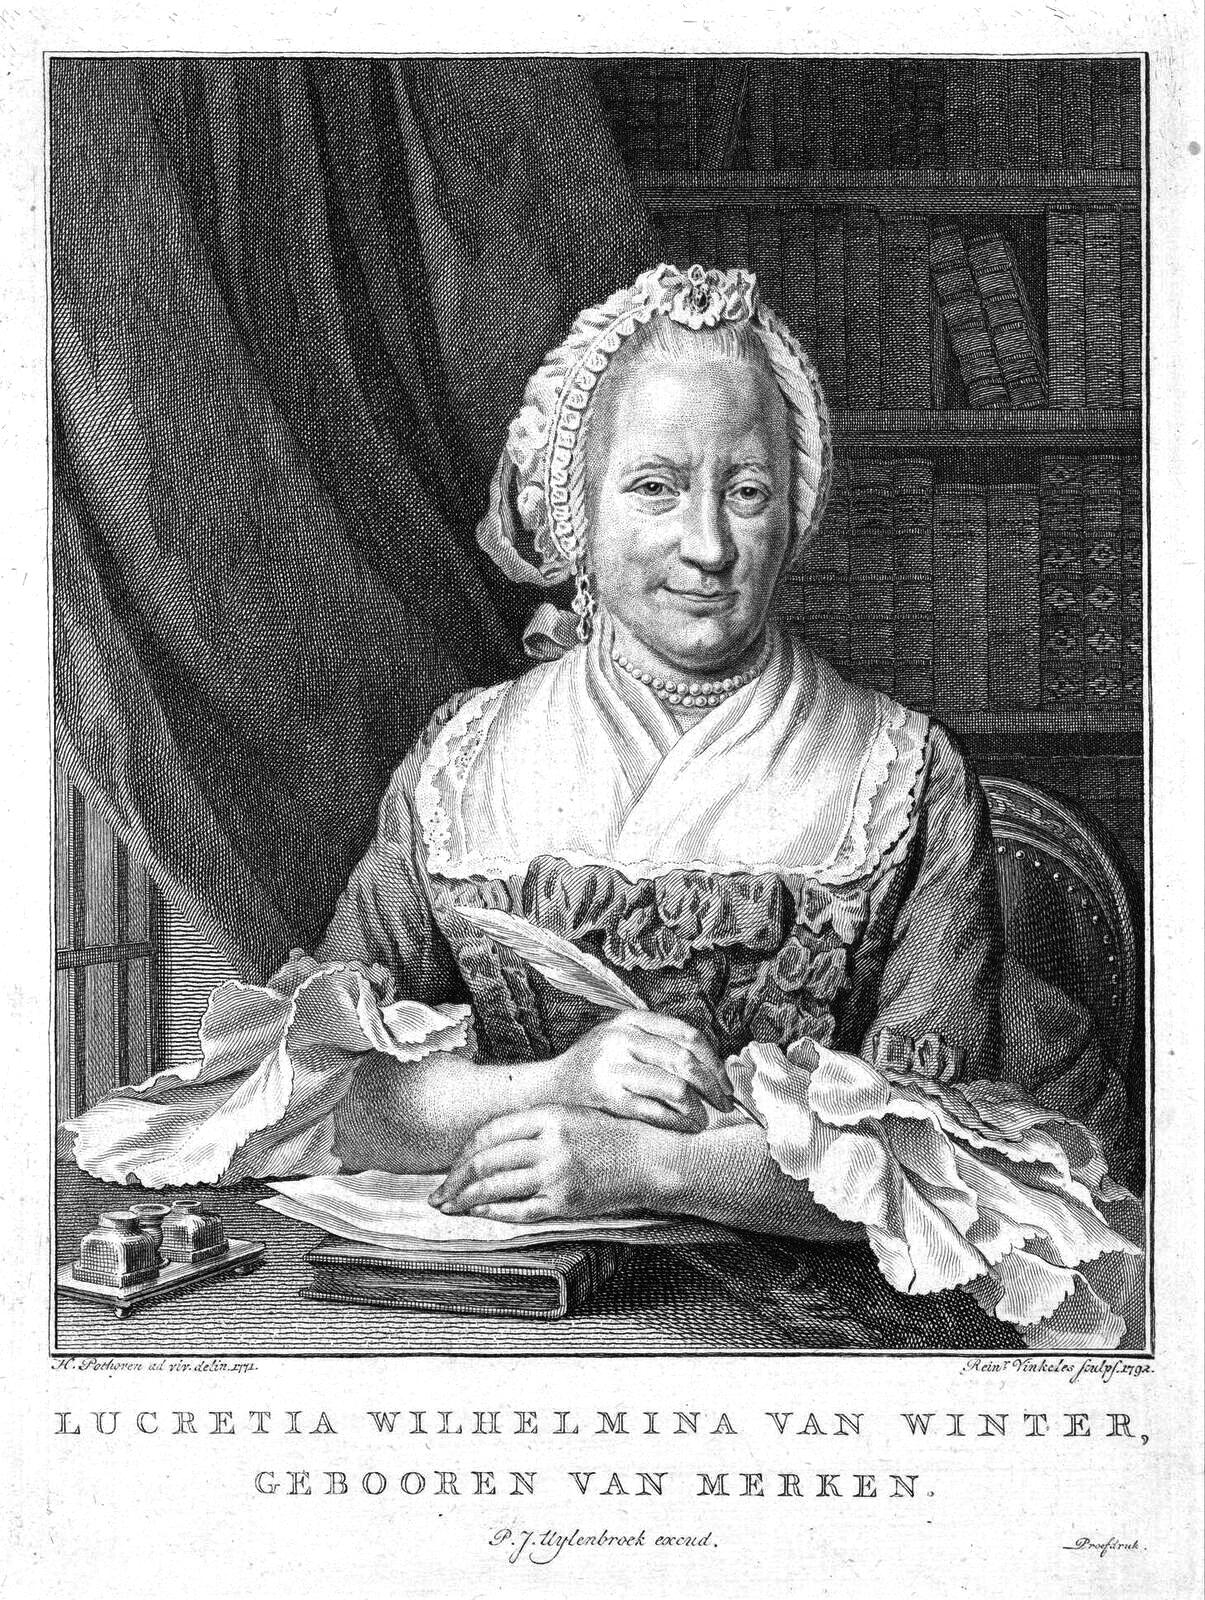 Lucretia Wilhelmina van Merken.jpg